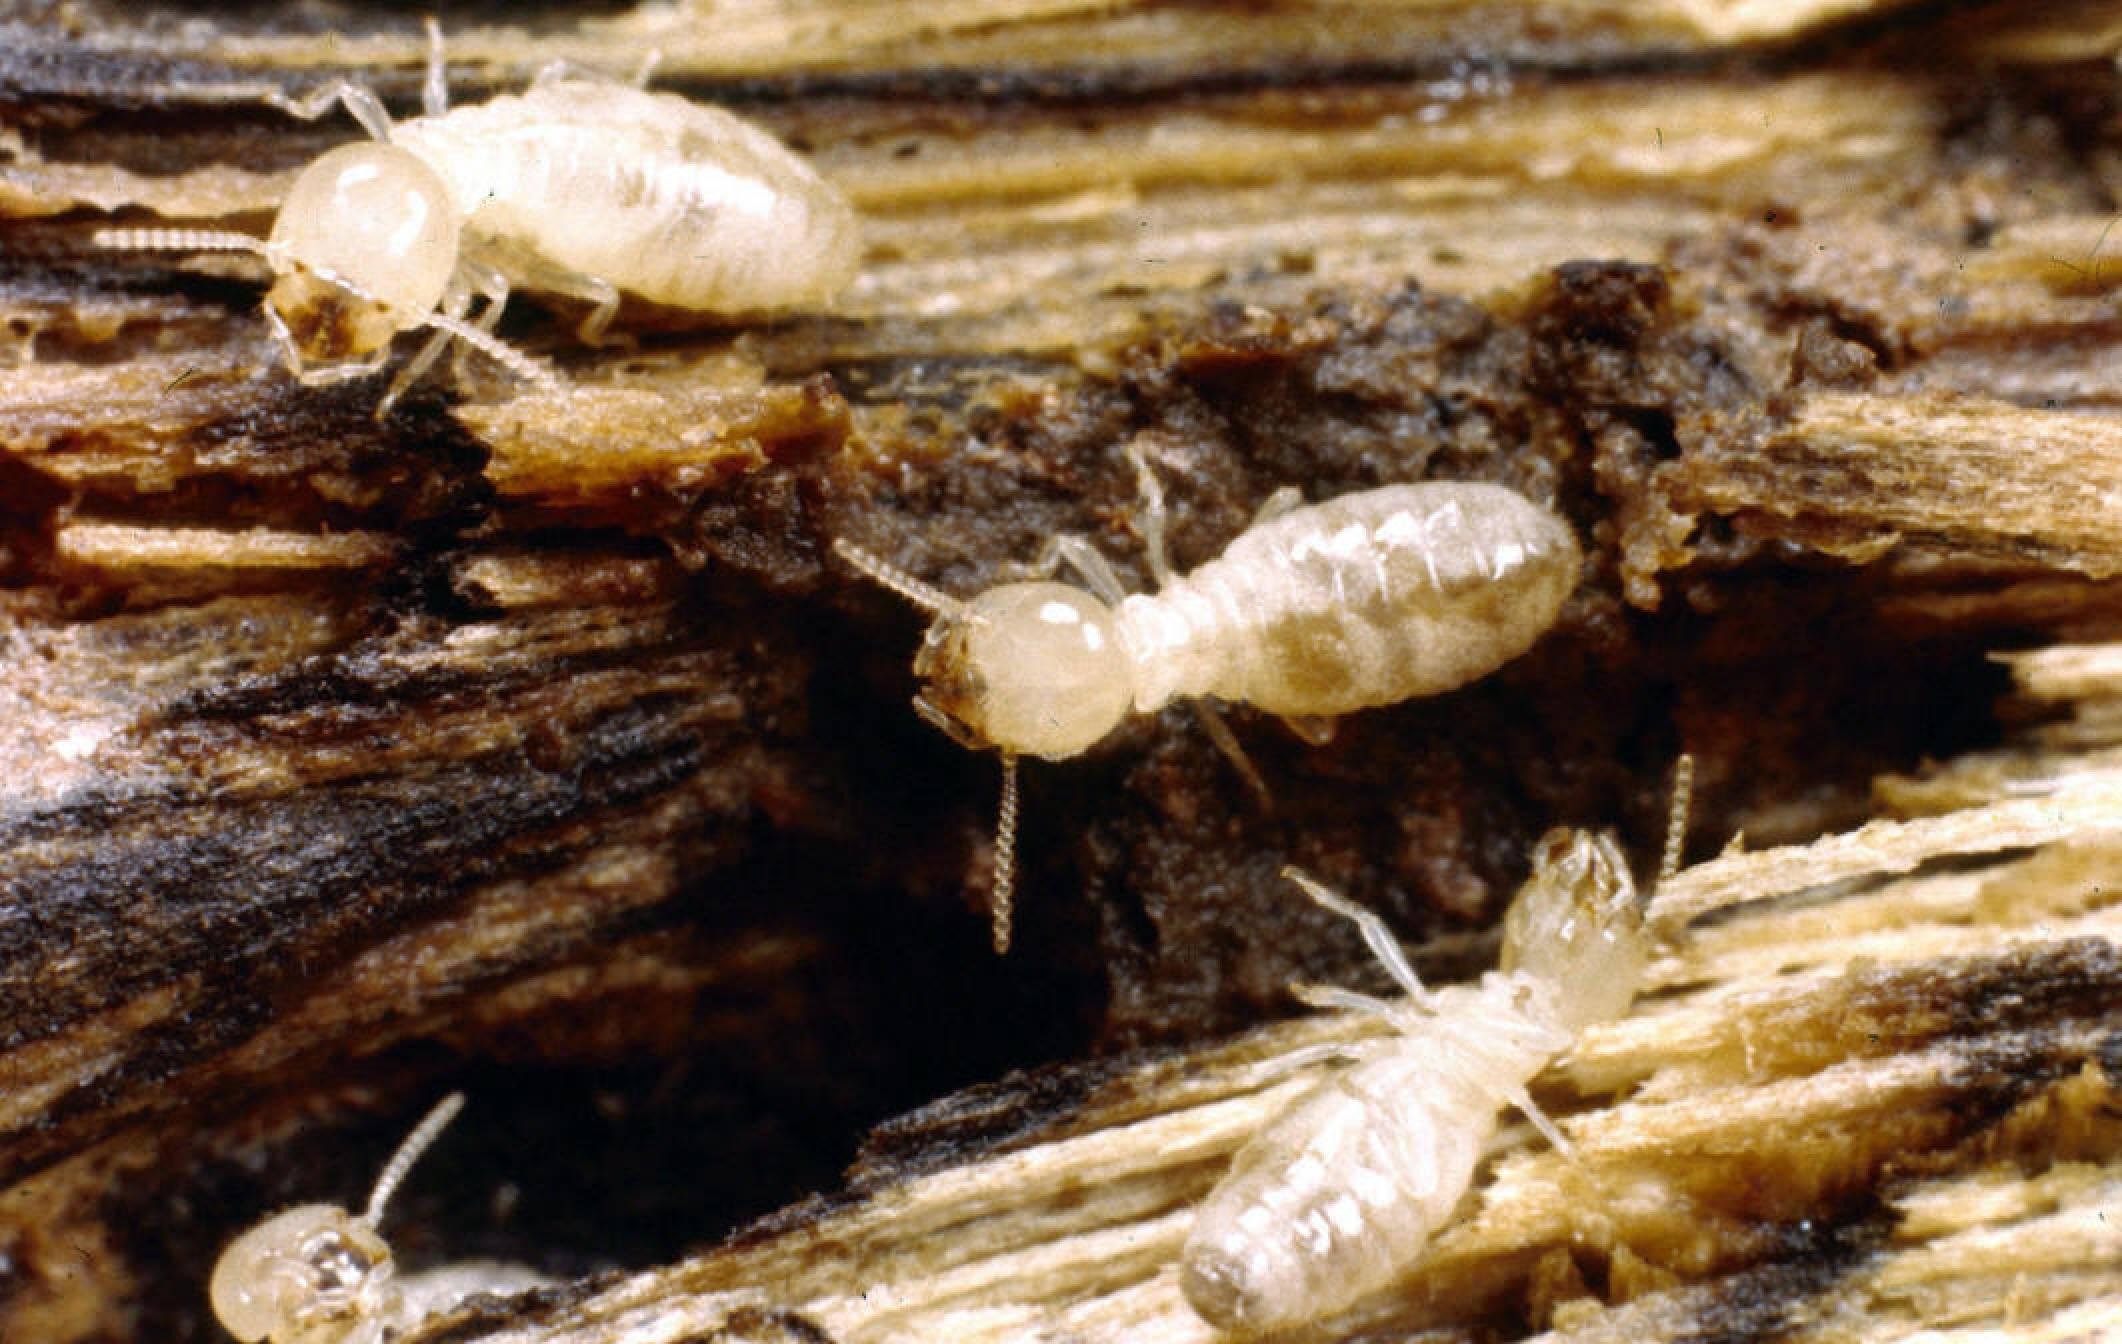 Subterranean Termite Pictures